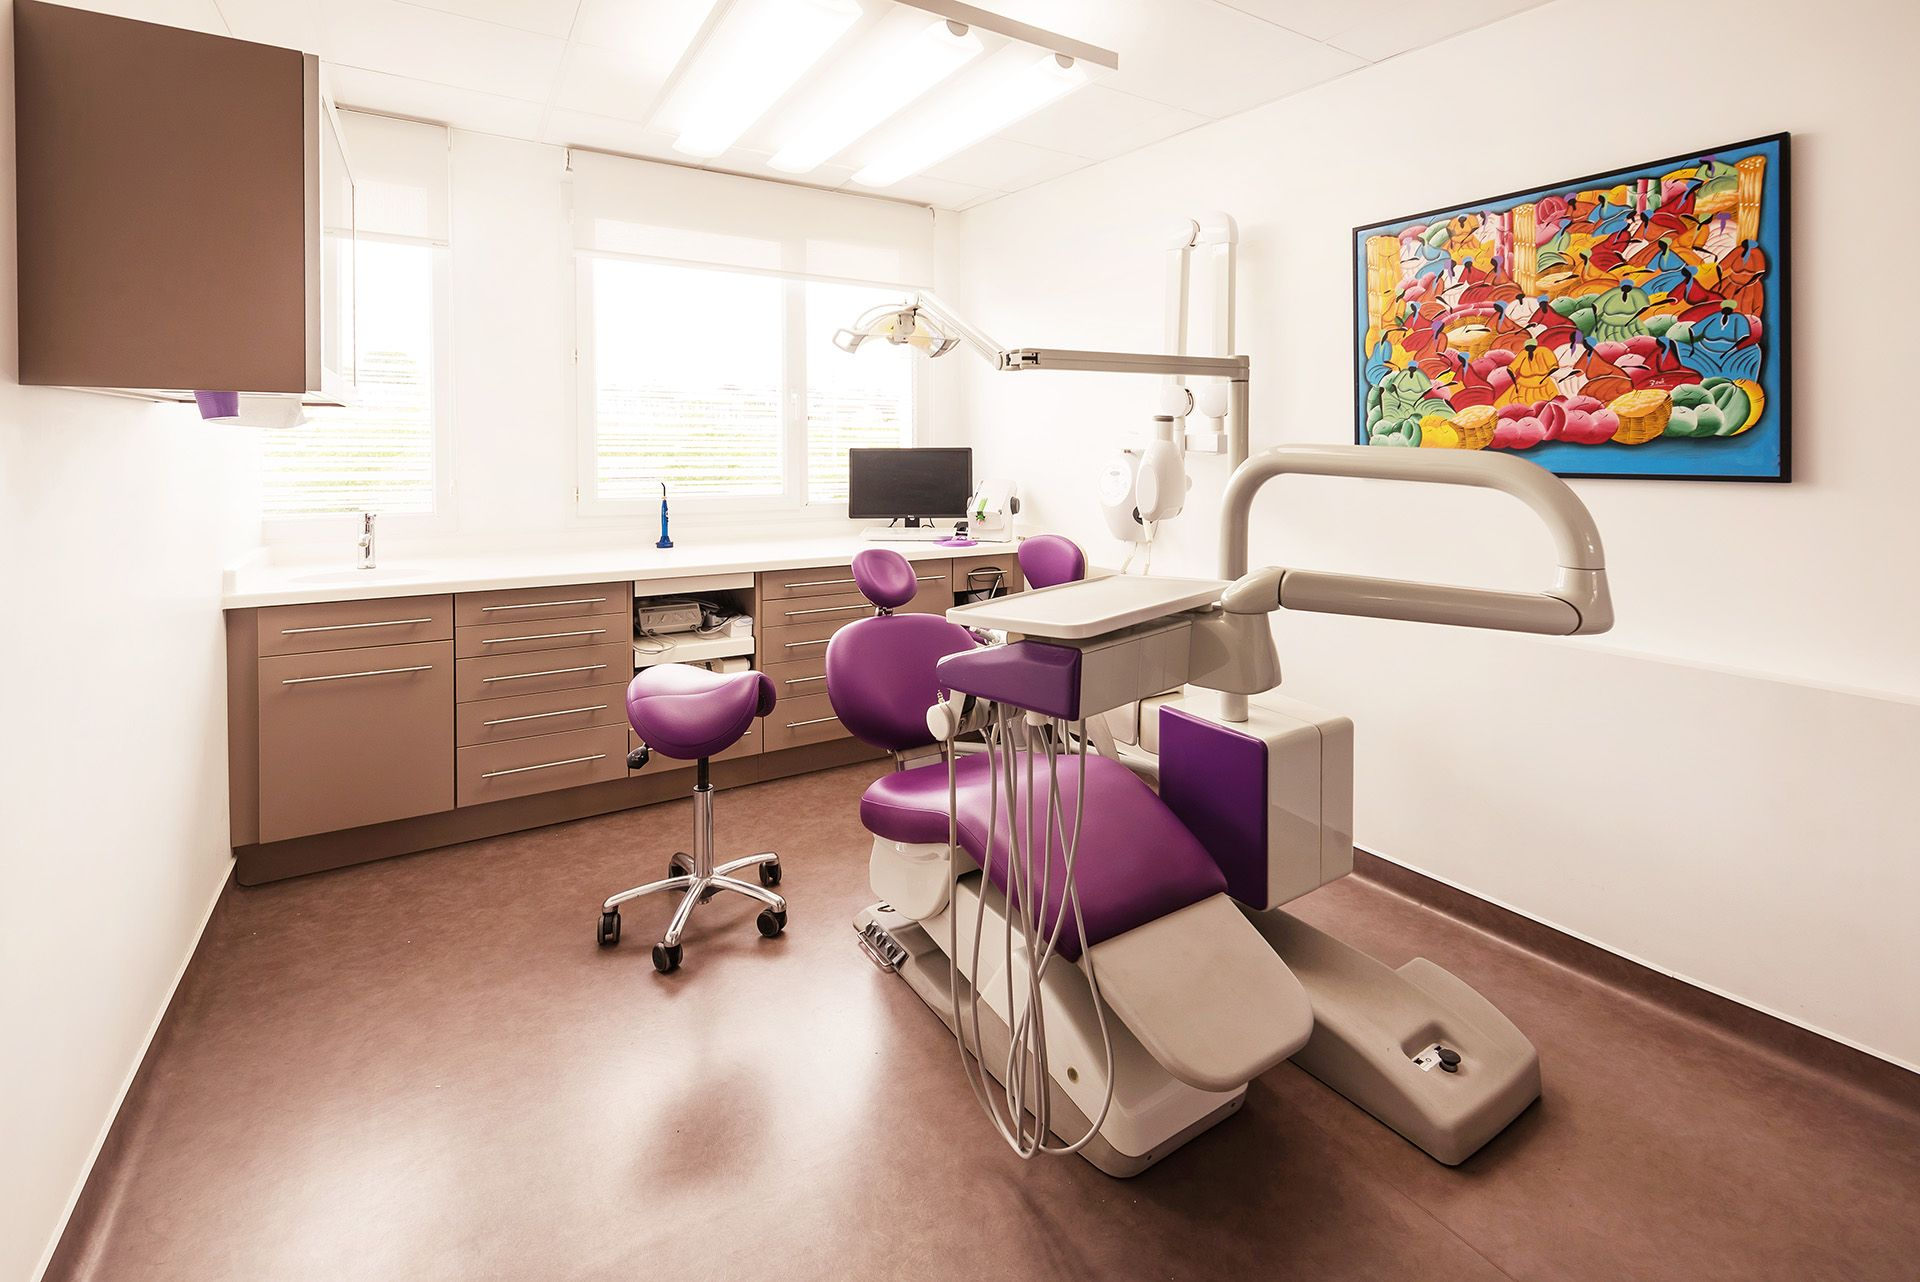 Sud-Ouest Dentaire | Chirurgiens Dentistes à Brignais